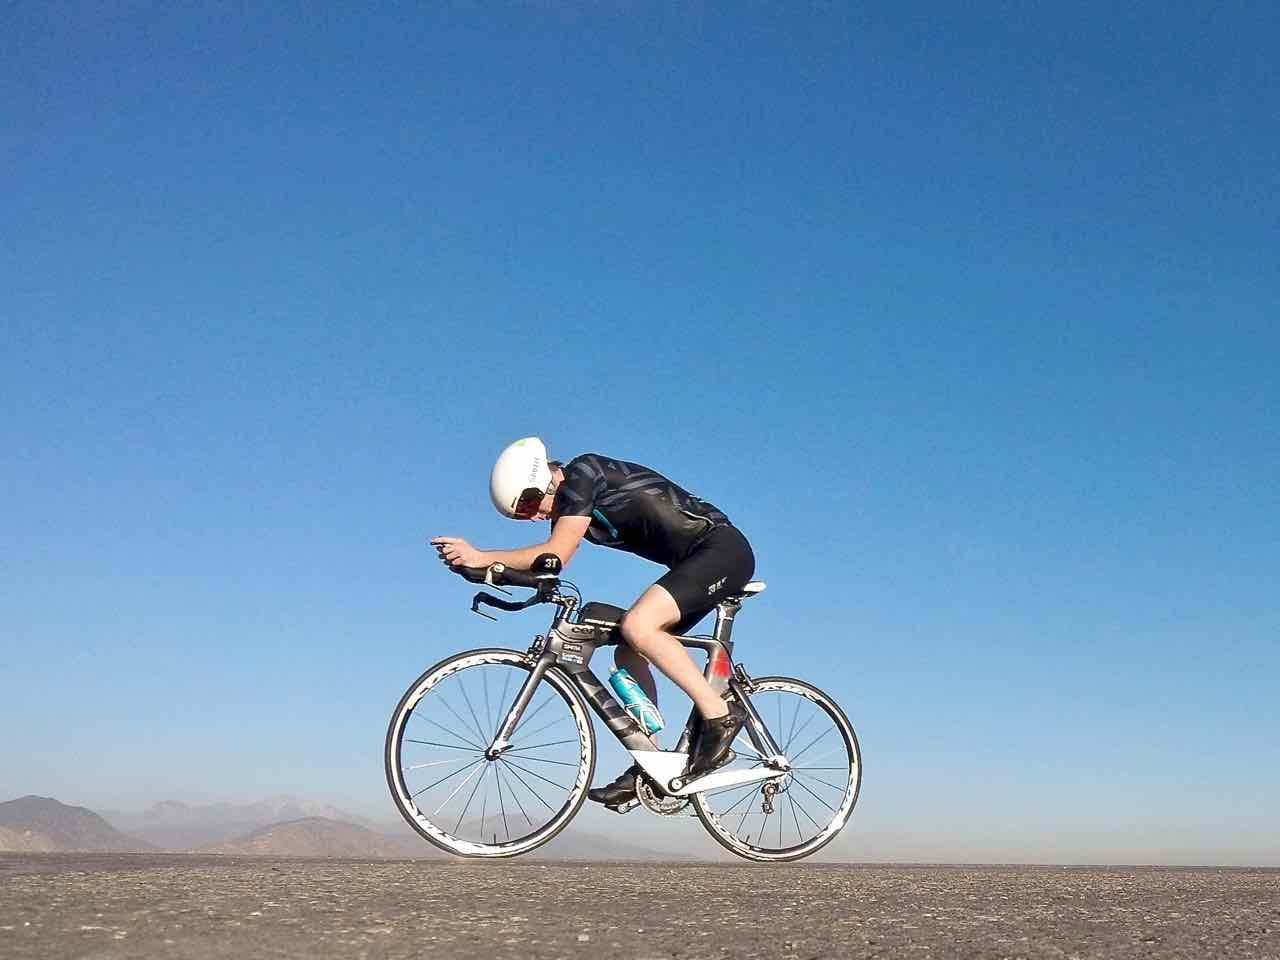 Ironman bike 2